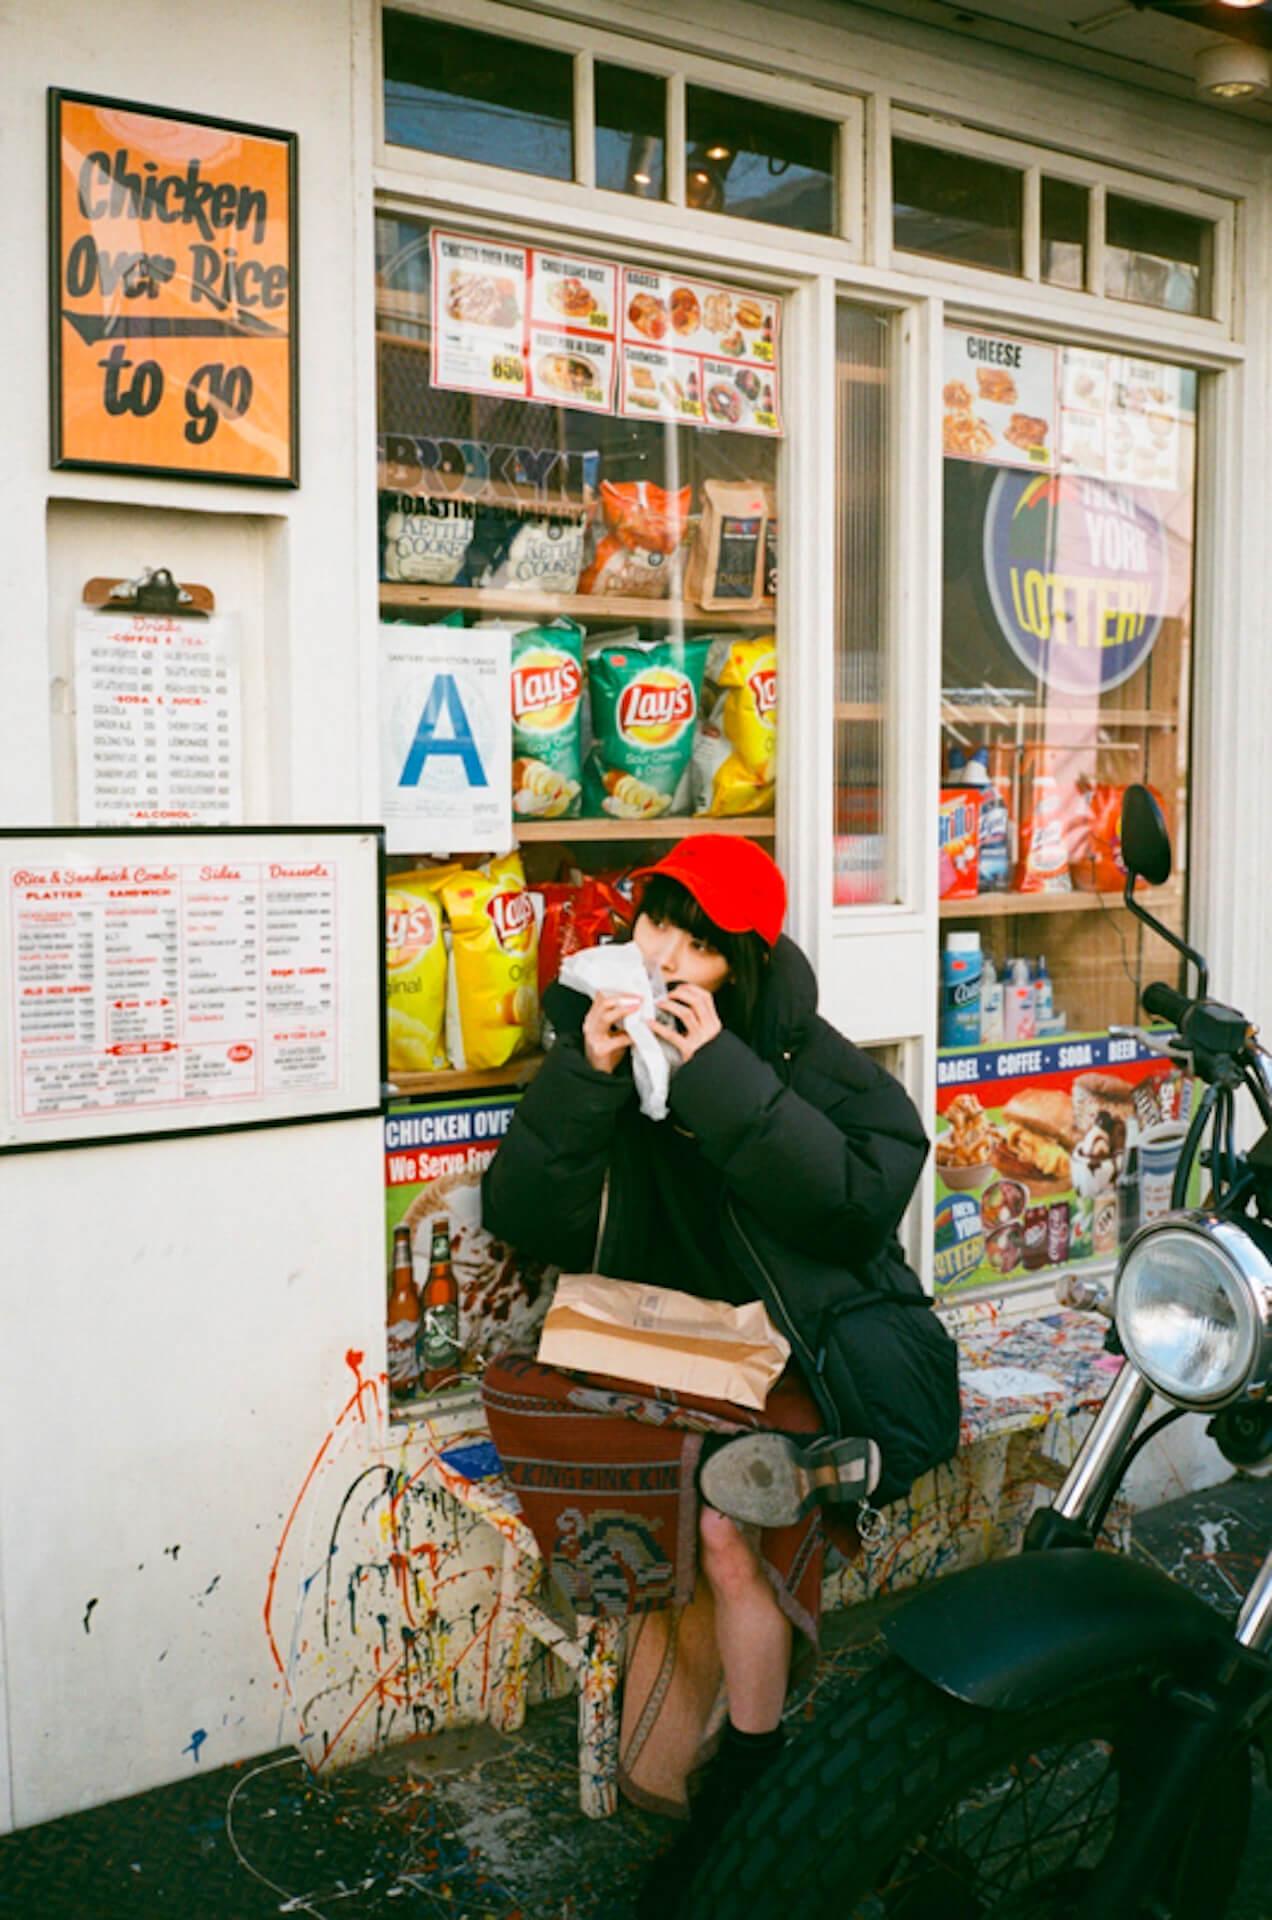 コウキシン女子の初体験vol.13老月ミカ:O 代官山 / NEW NEW YORK CLUB pickup190228_koukishinjyoshi_32